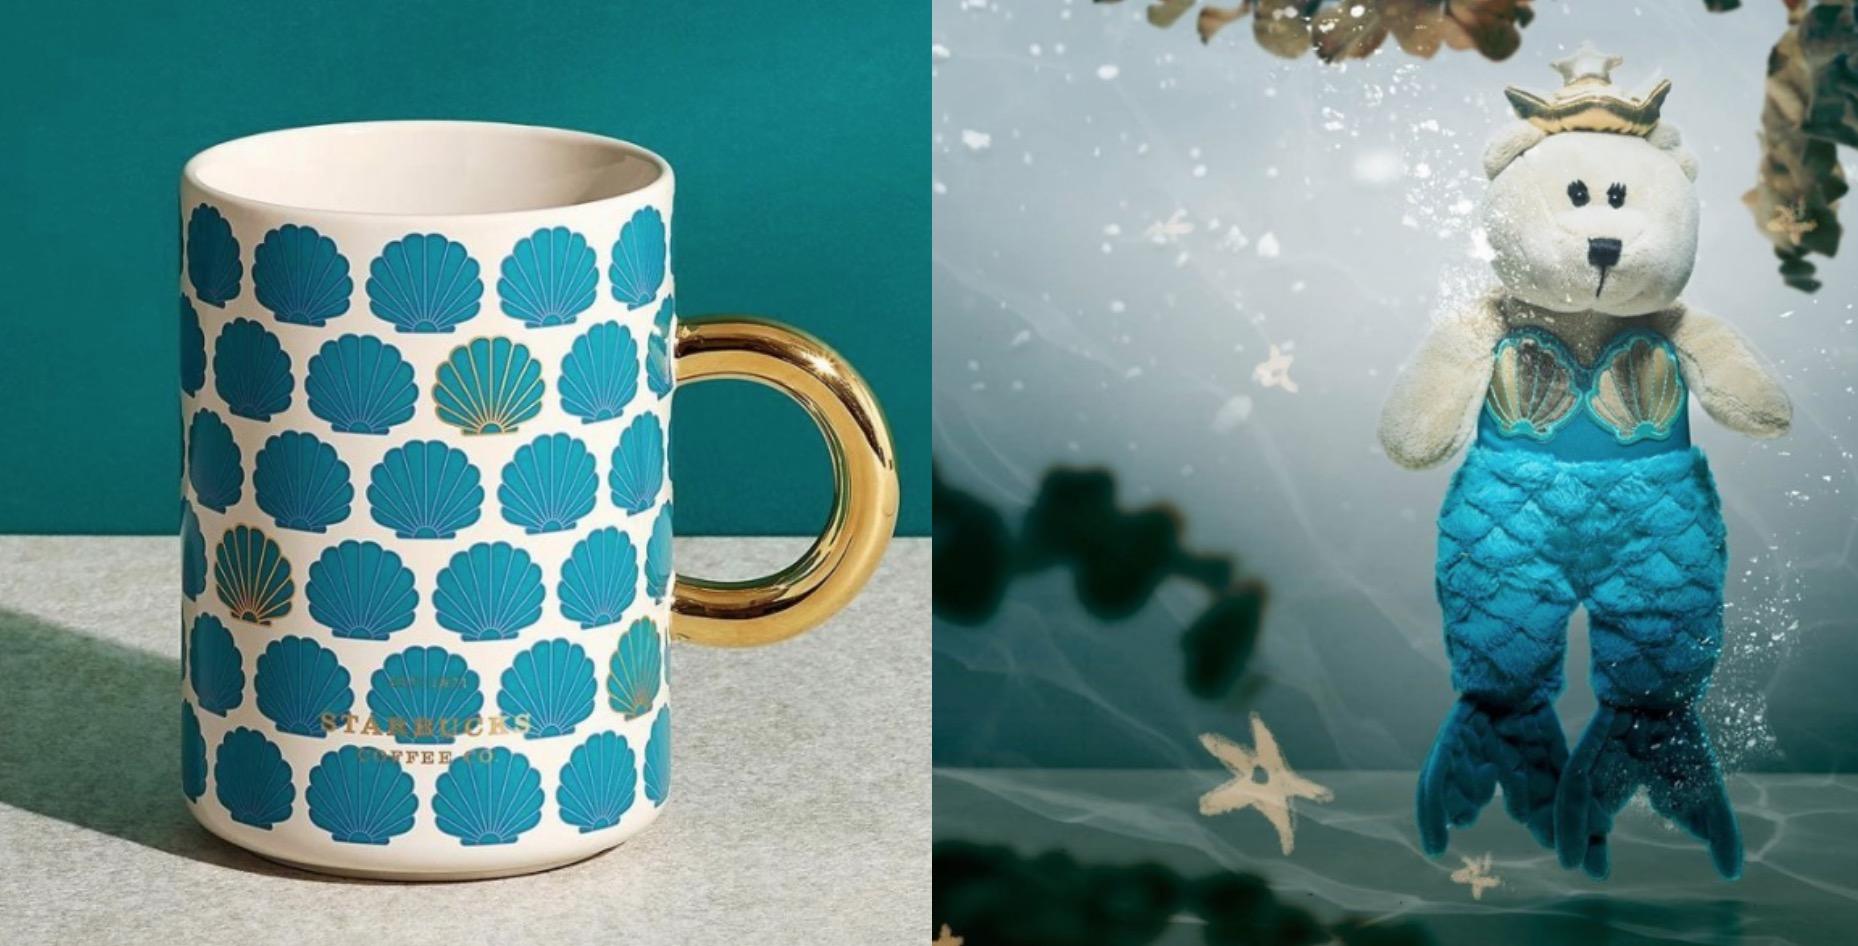 這次秋季新品主題以星巴克的代表「Siren女神」為靈感,創作出各式樣海洋藍綠色的周邊,星巴克將美麗的魚尾、耀眼的貝殼融入各式日常好用的生活器皿中,貝殼馬克杯太美啦~